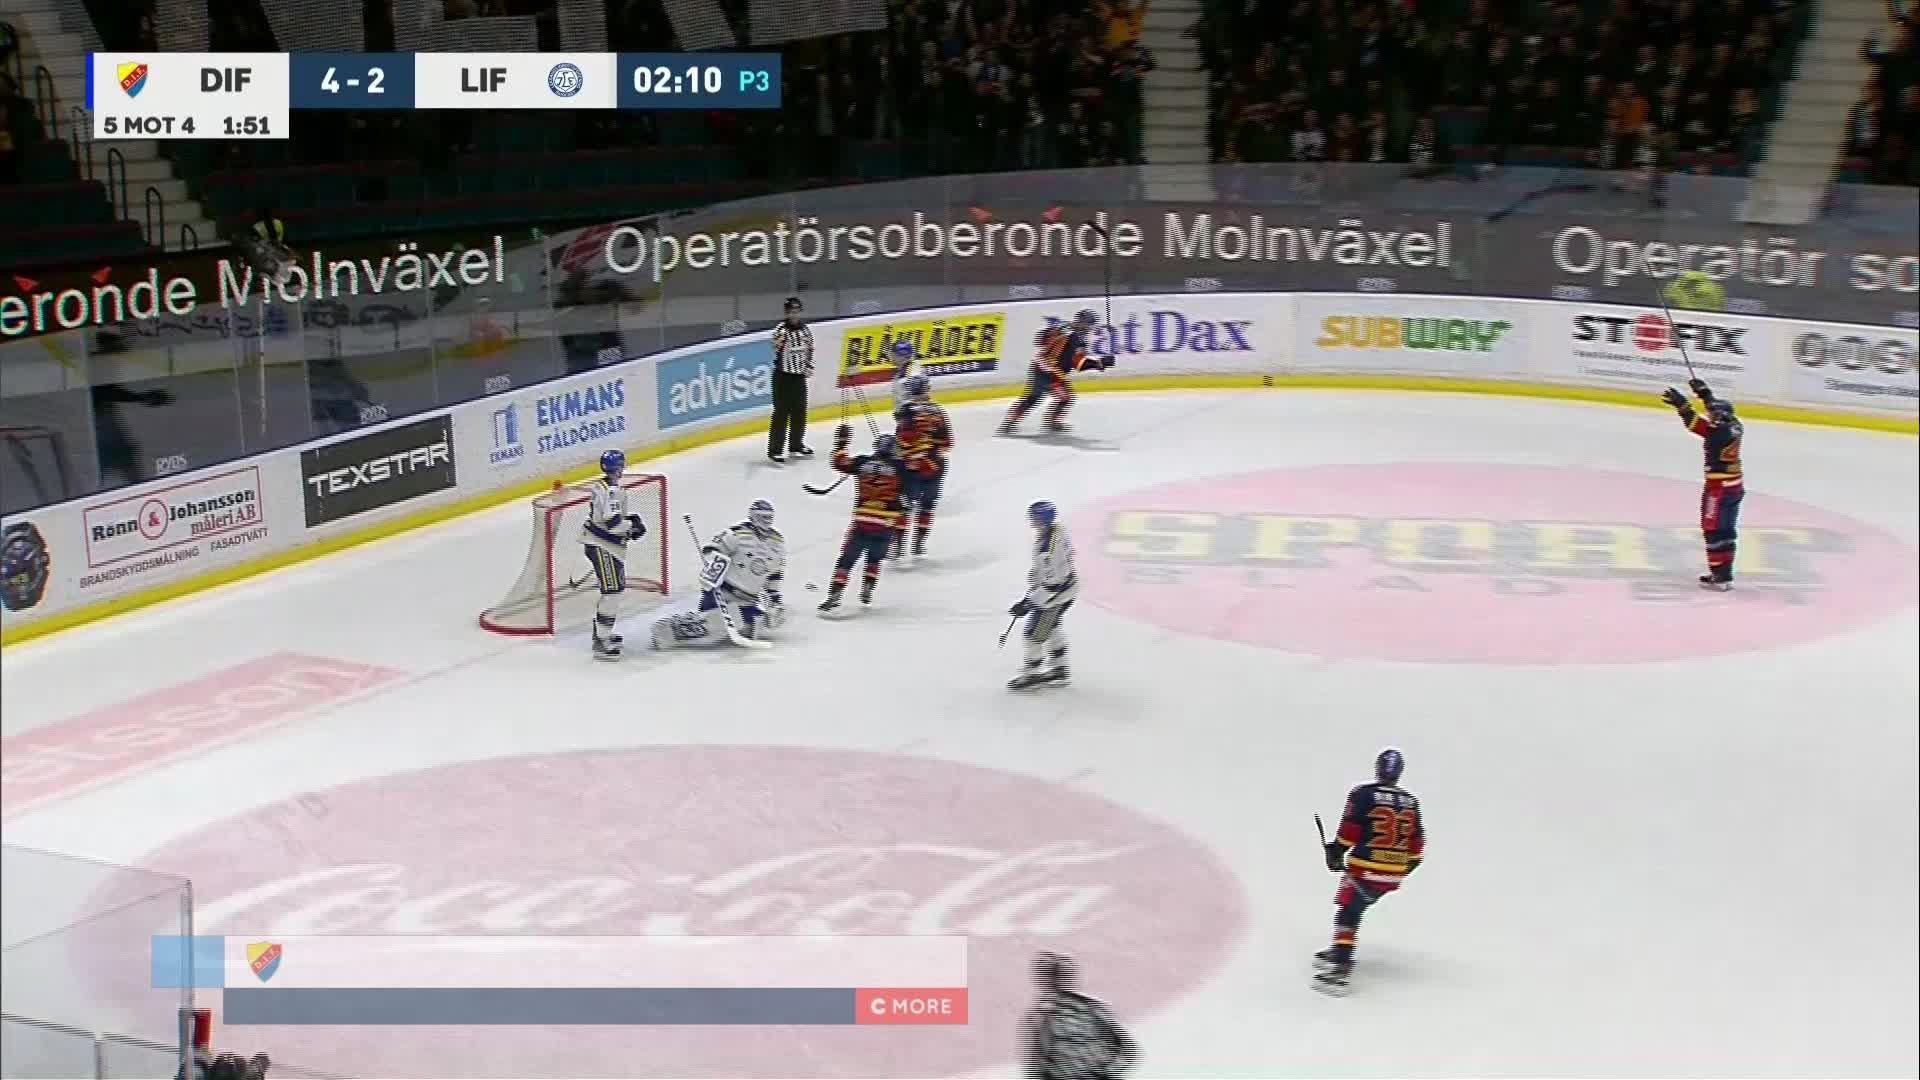 Djurgården Hockey - Leksands IF 5-2